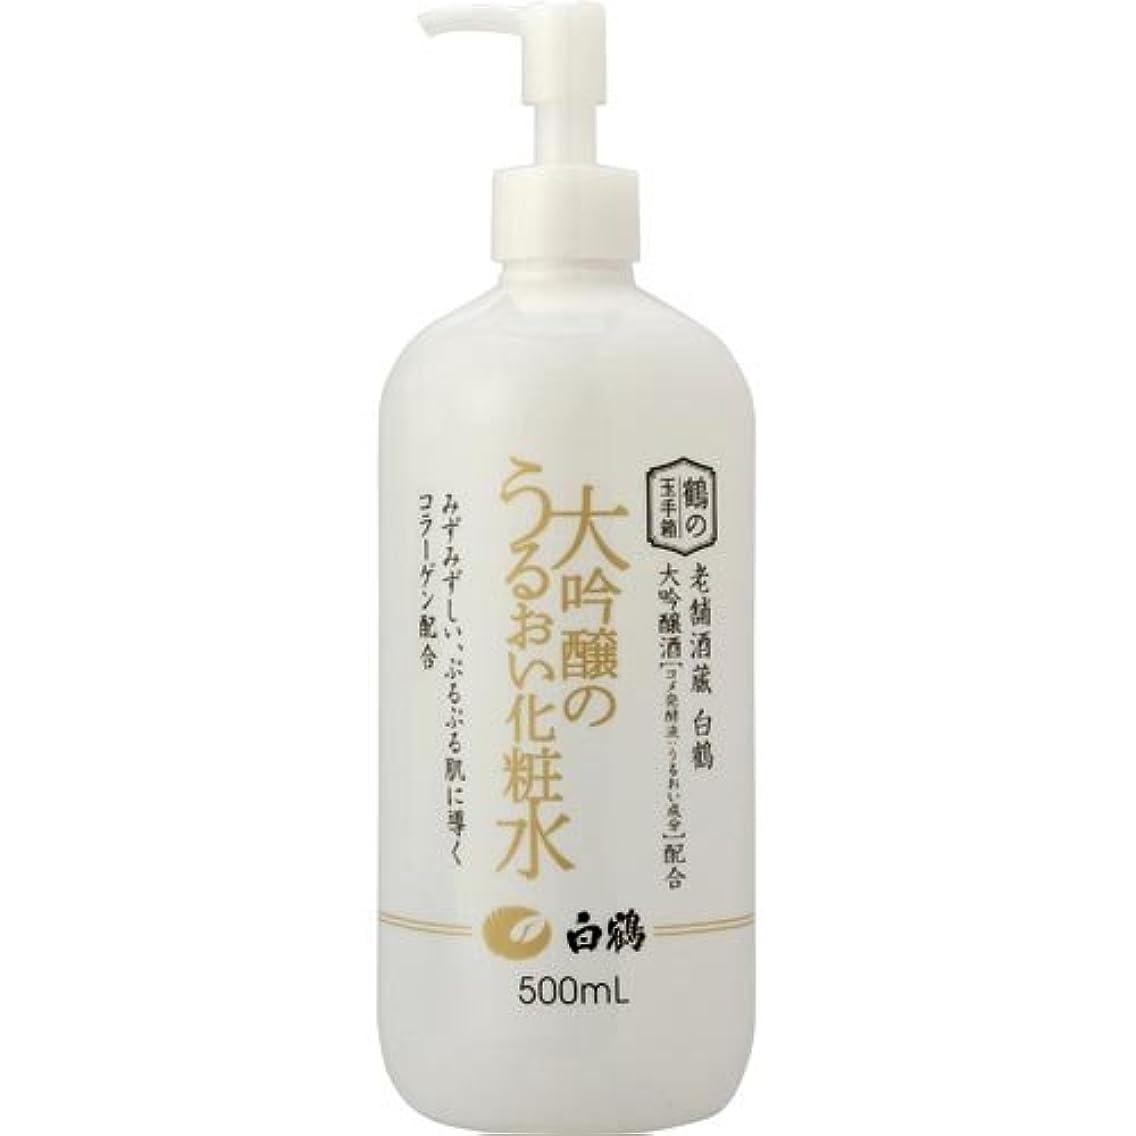 社会作り差白鶴 鶴の玉手箱 薬用 大吟醸のうるおい化粧水 500ml